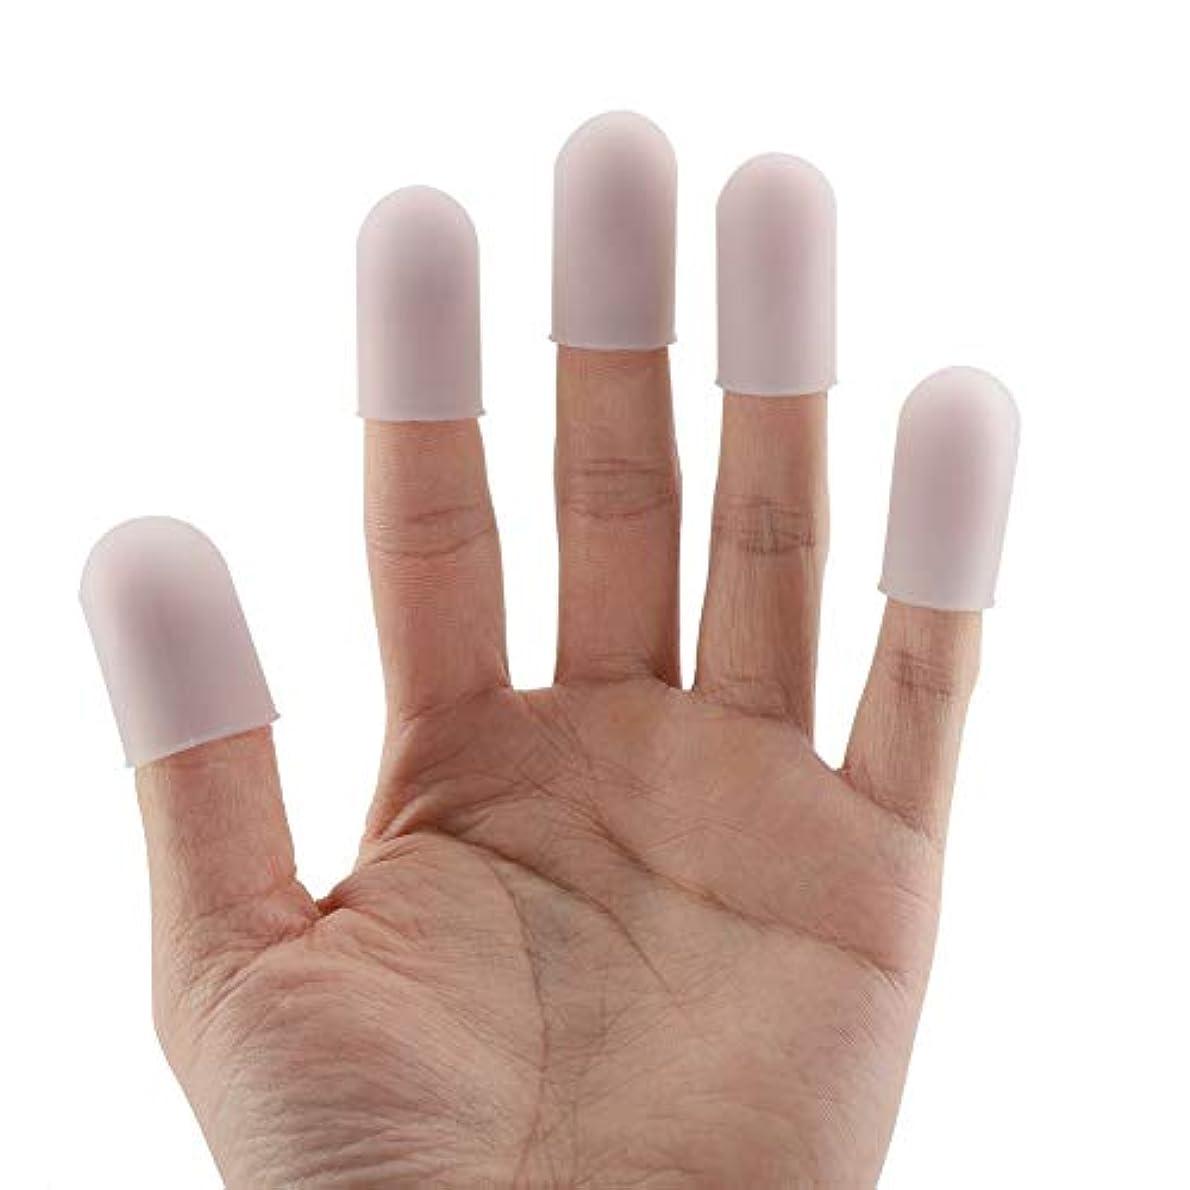 浮く受け取る優遇SoarUp 親指プロテクター 調理用指先カバー 指先カバー 食品用シリコーン製 再使用可能 コンパクト 幅広い用途 5個